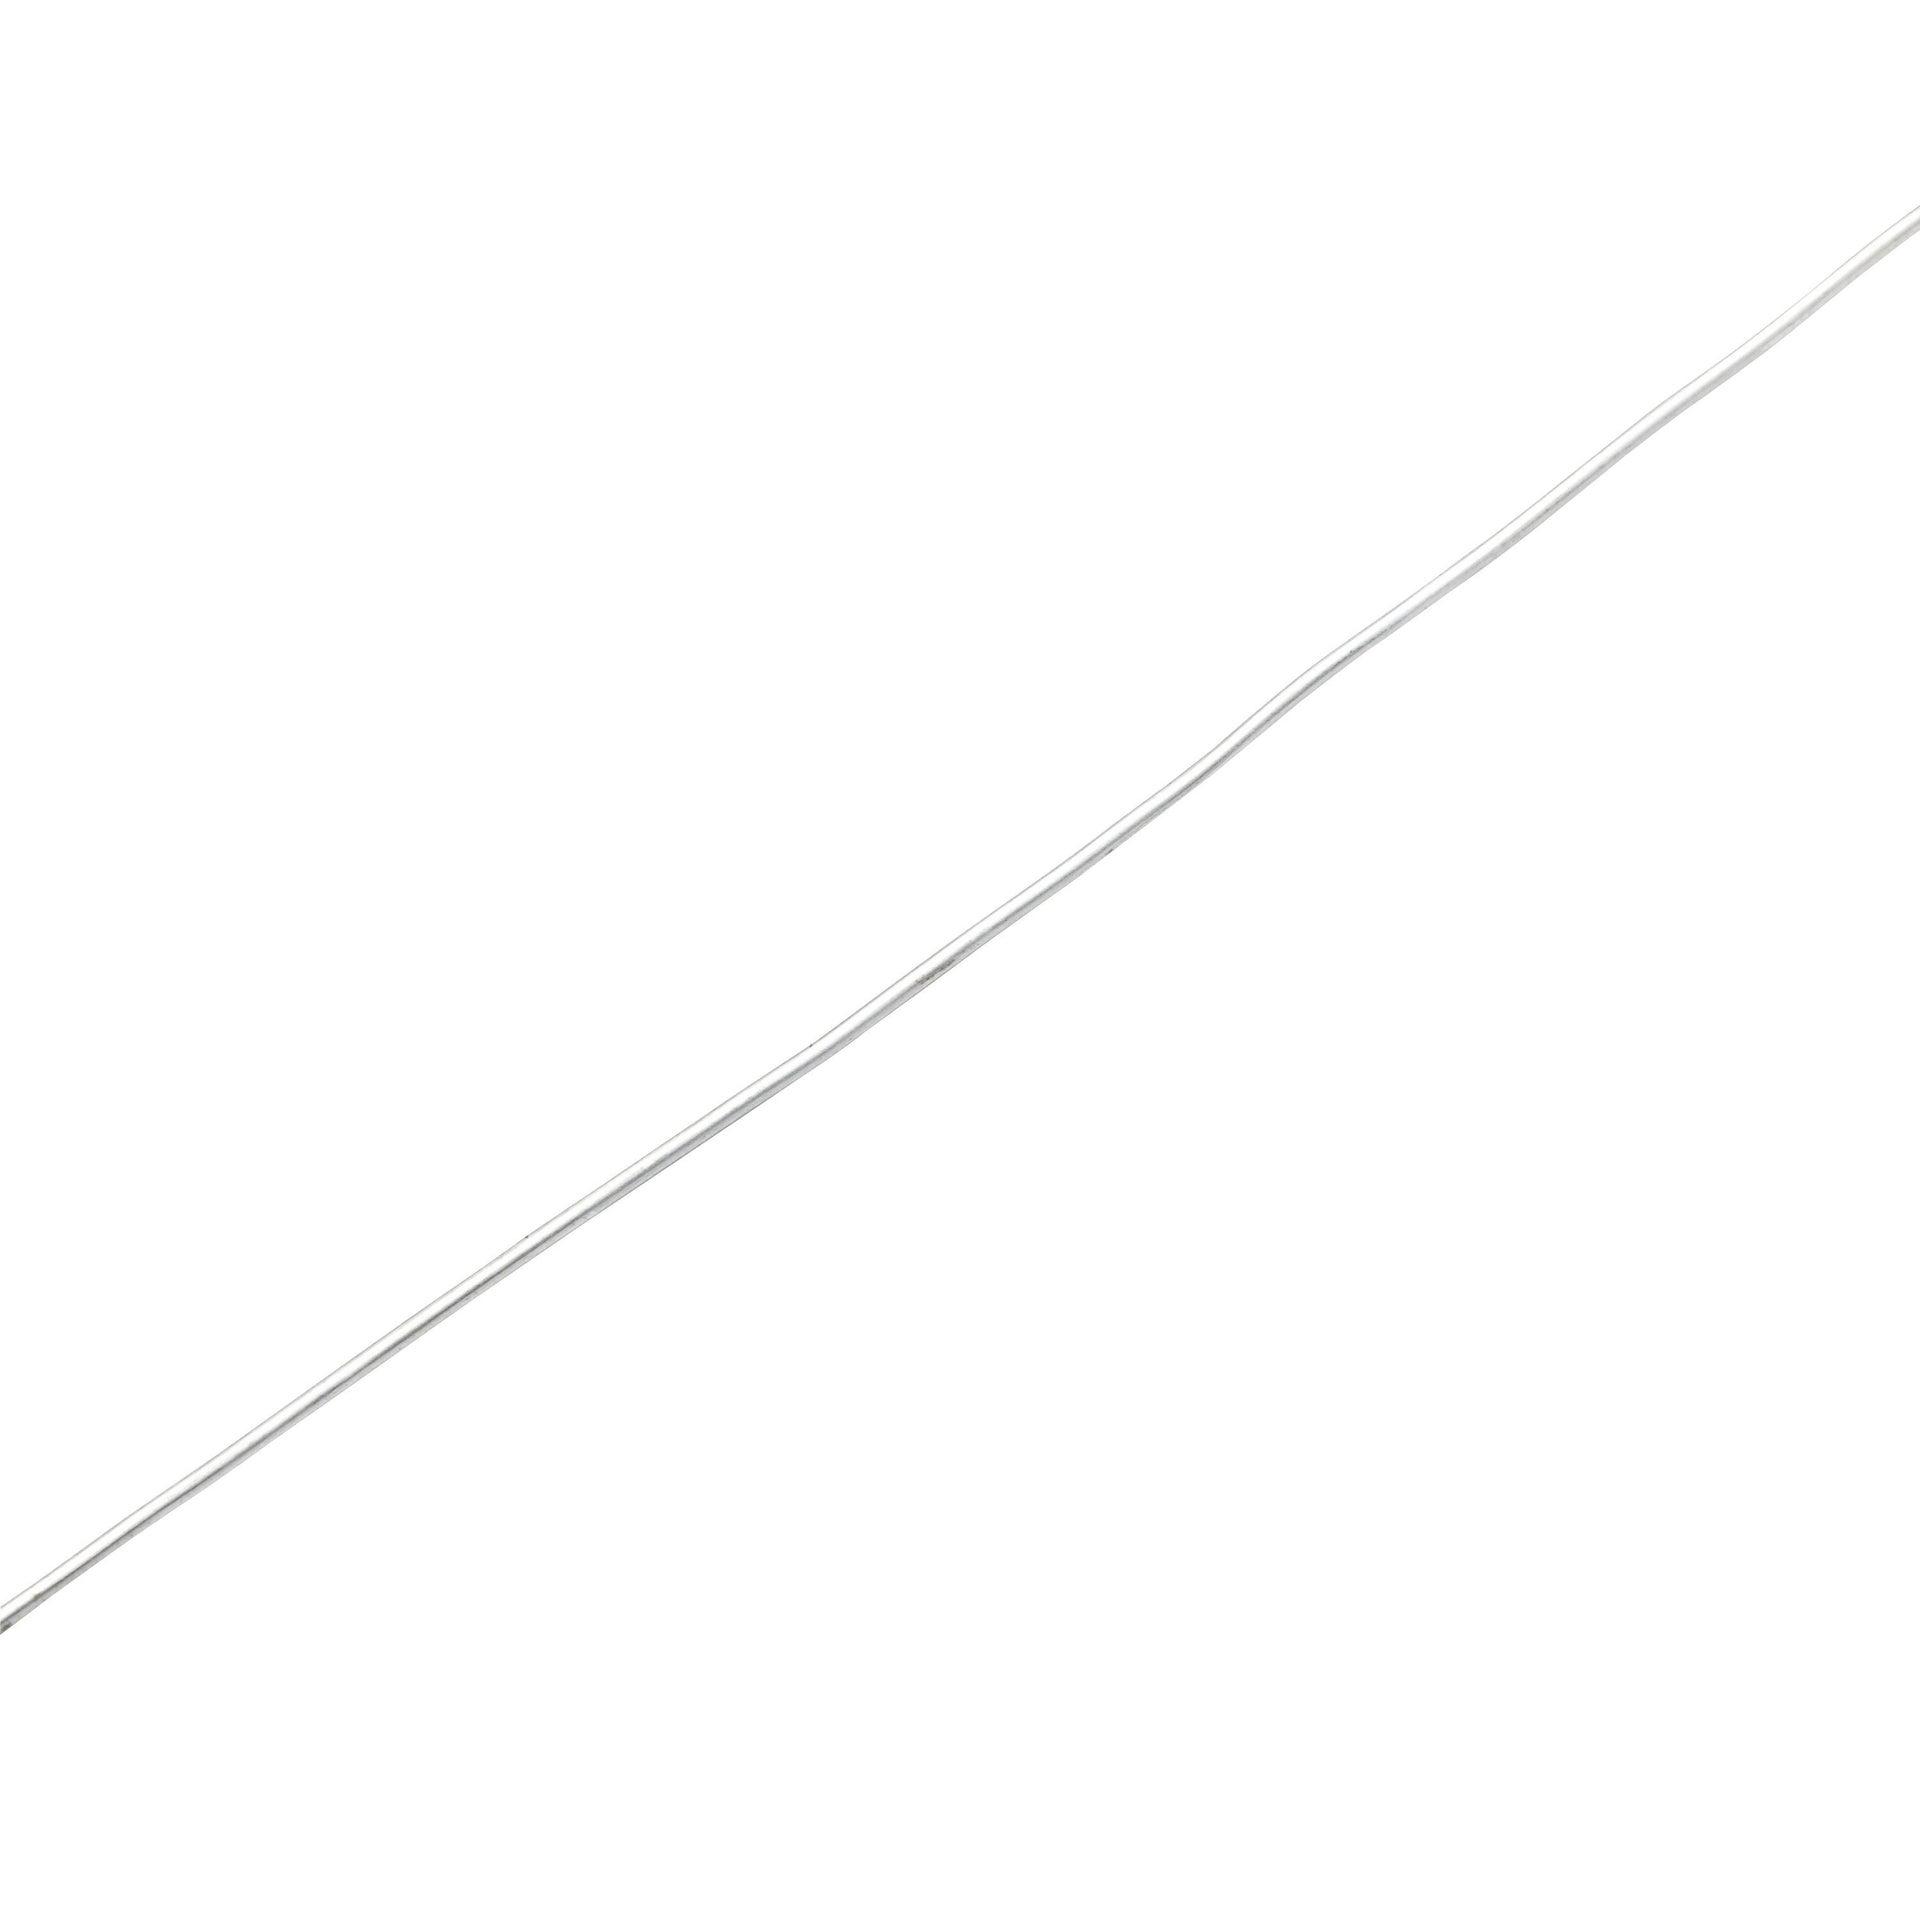 Filo in acciaio STANDERS Ø 0.9 mm x L 50 m - 4